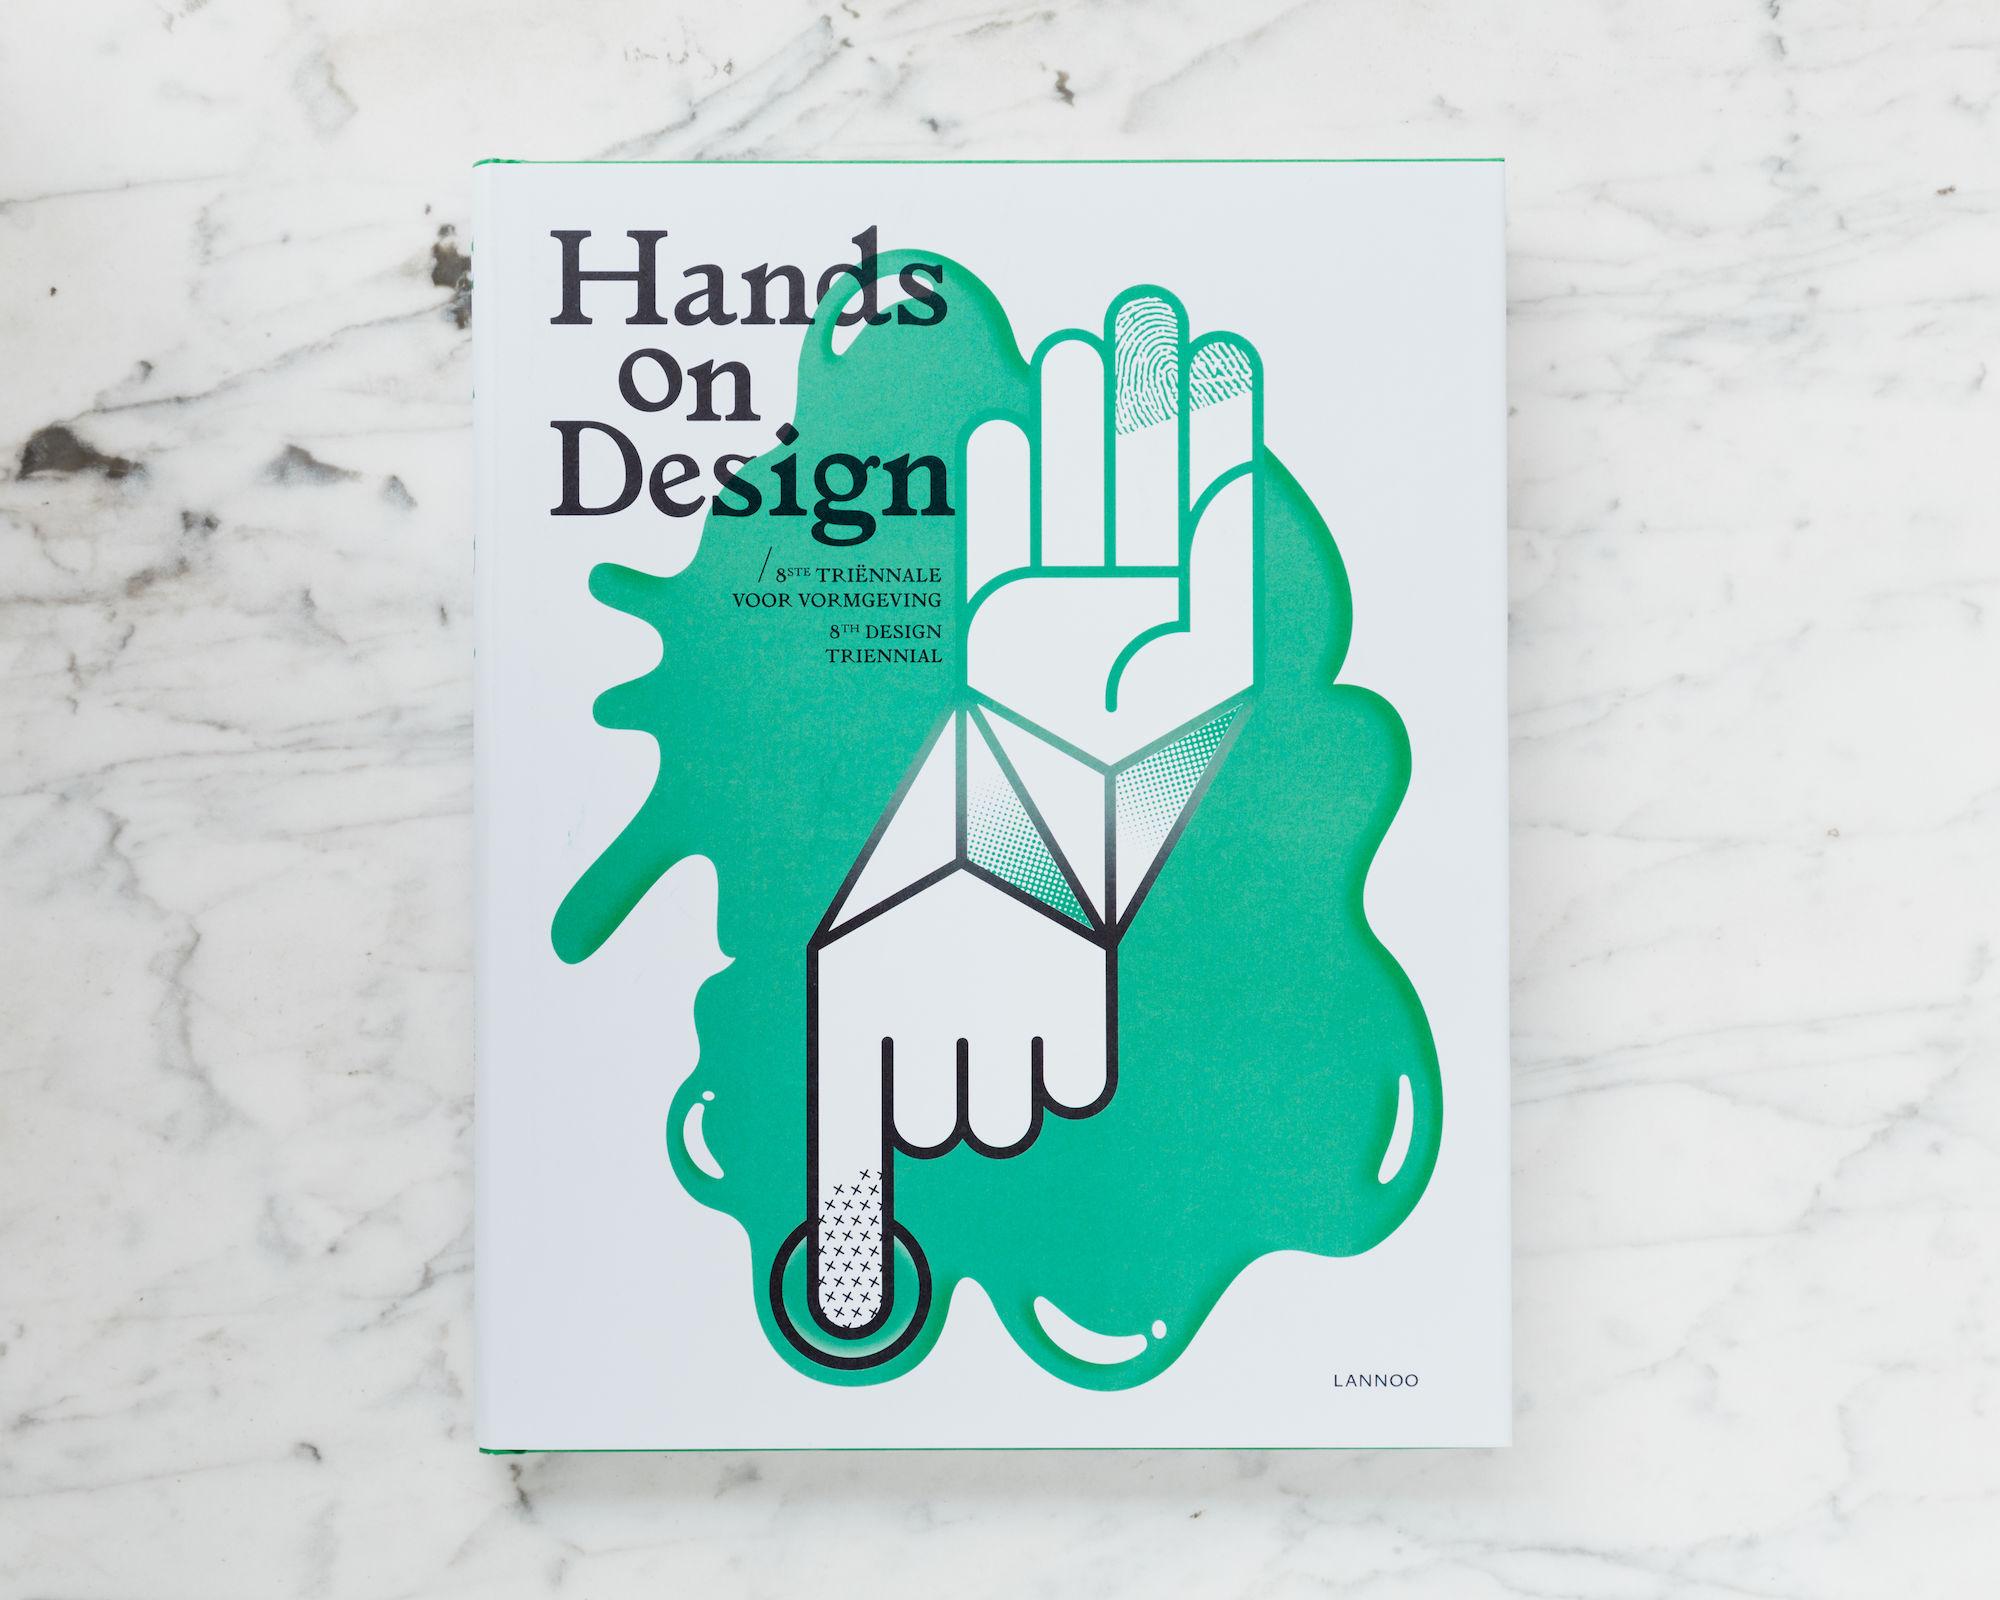 Hands on Design - shop